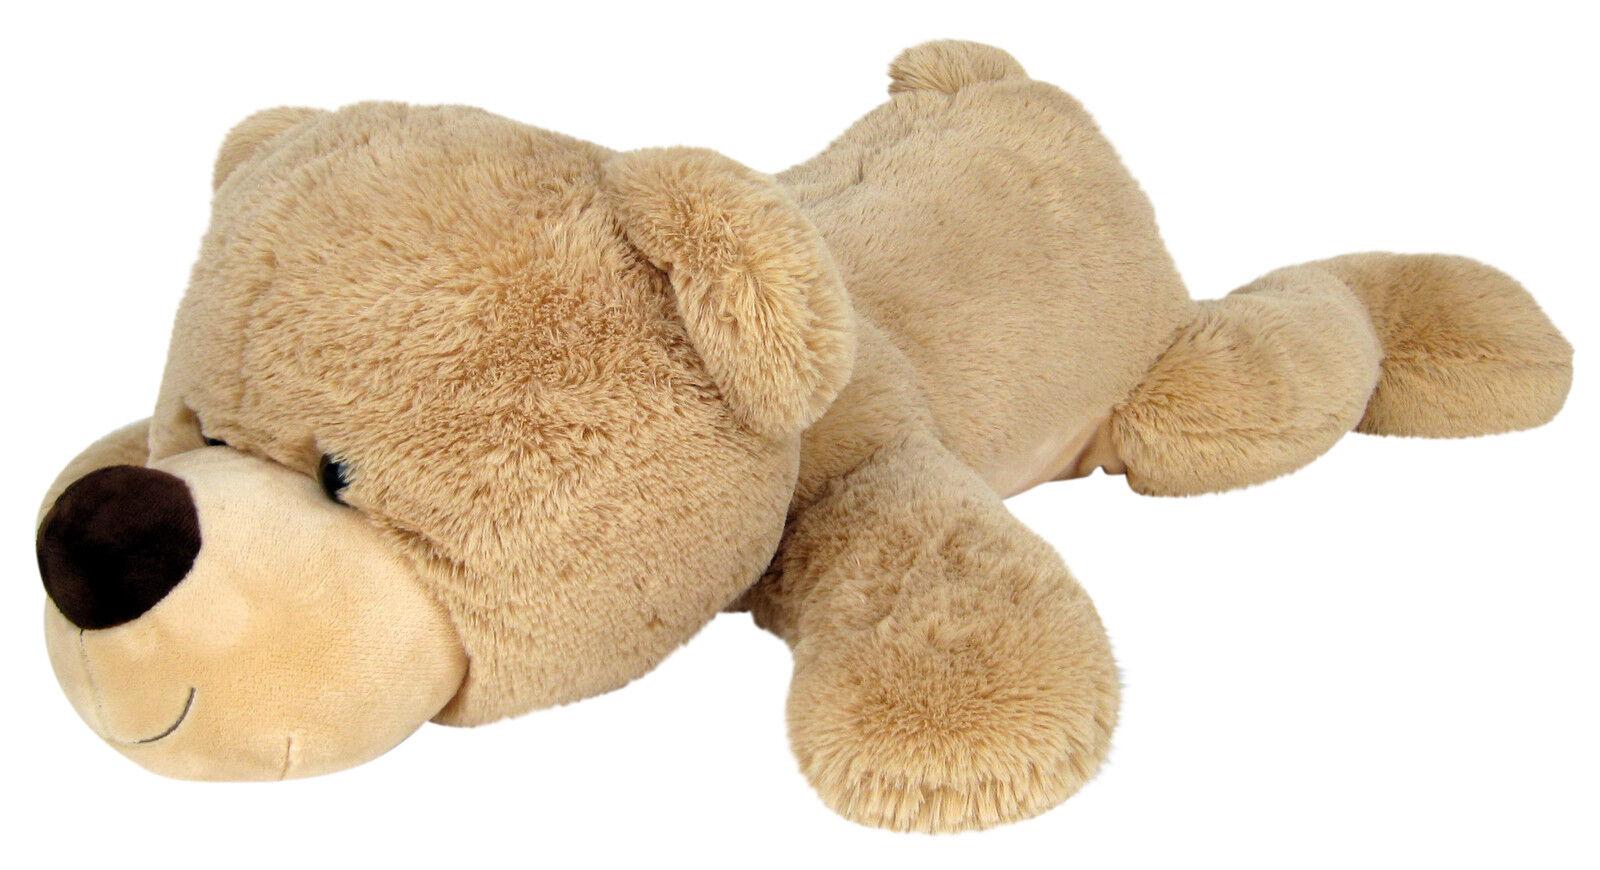 xxl riesen teddyb r 140 cm gross beige pl sch b r teddy stoffb r pl schtier b r eur 58 95. Black Bedroom Furniture Sets. Home Design Ideas